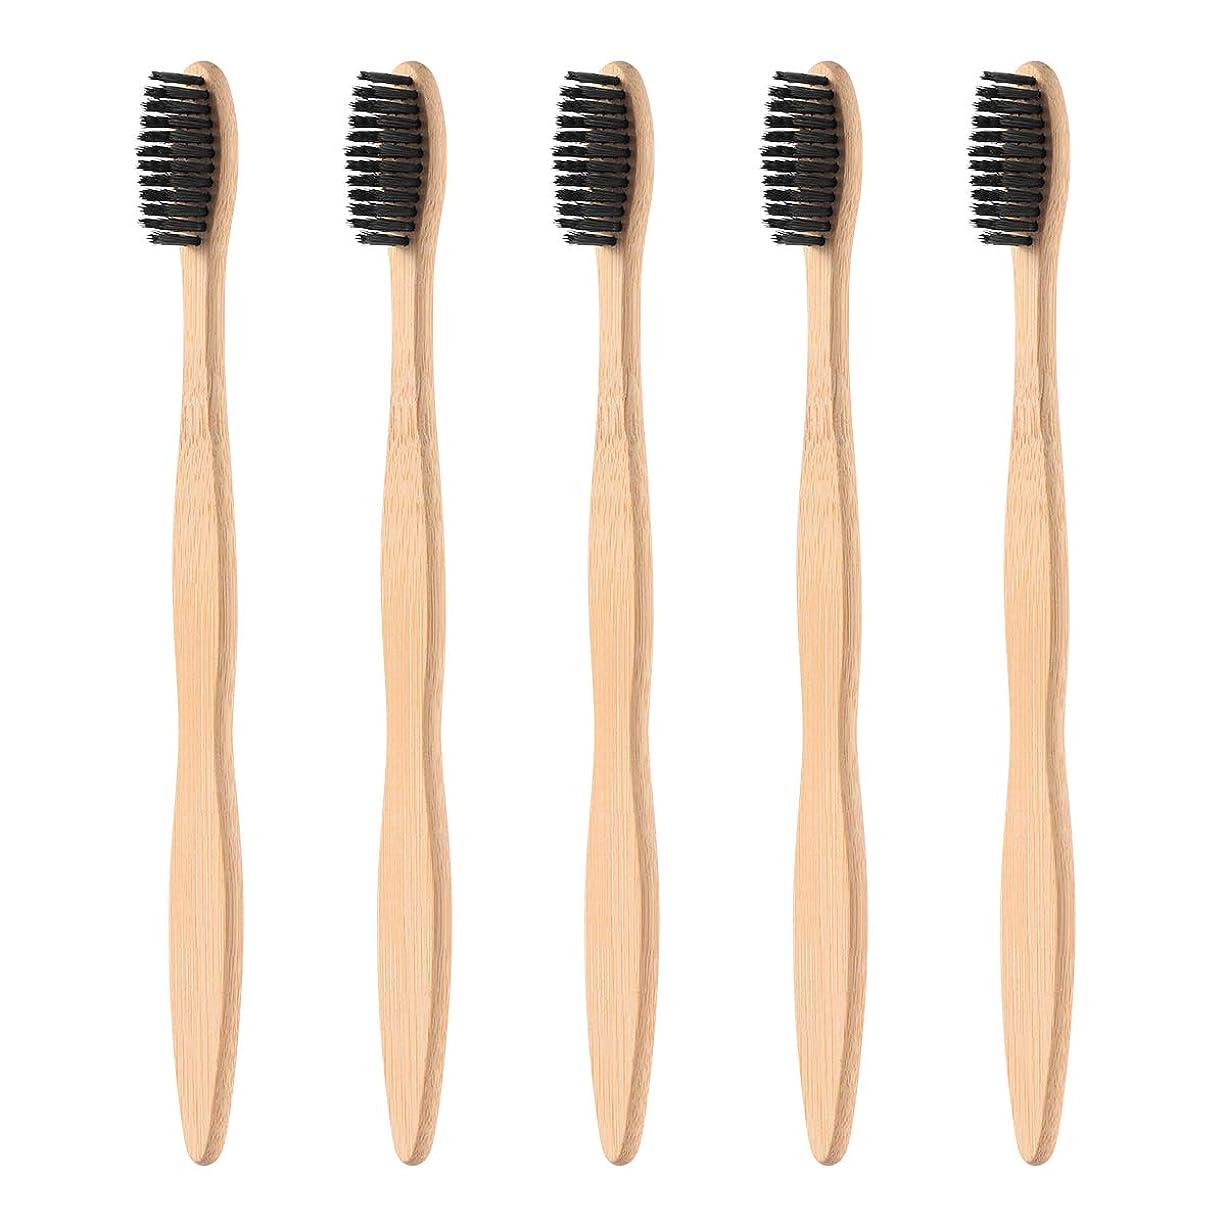 ミトン有害なかまどHealifty タケ環境的に歯ブラシ5pcsは柔らかい黒い剛毛が付いている自然な木のEcoの友好的な歯ブラシを扱います